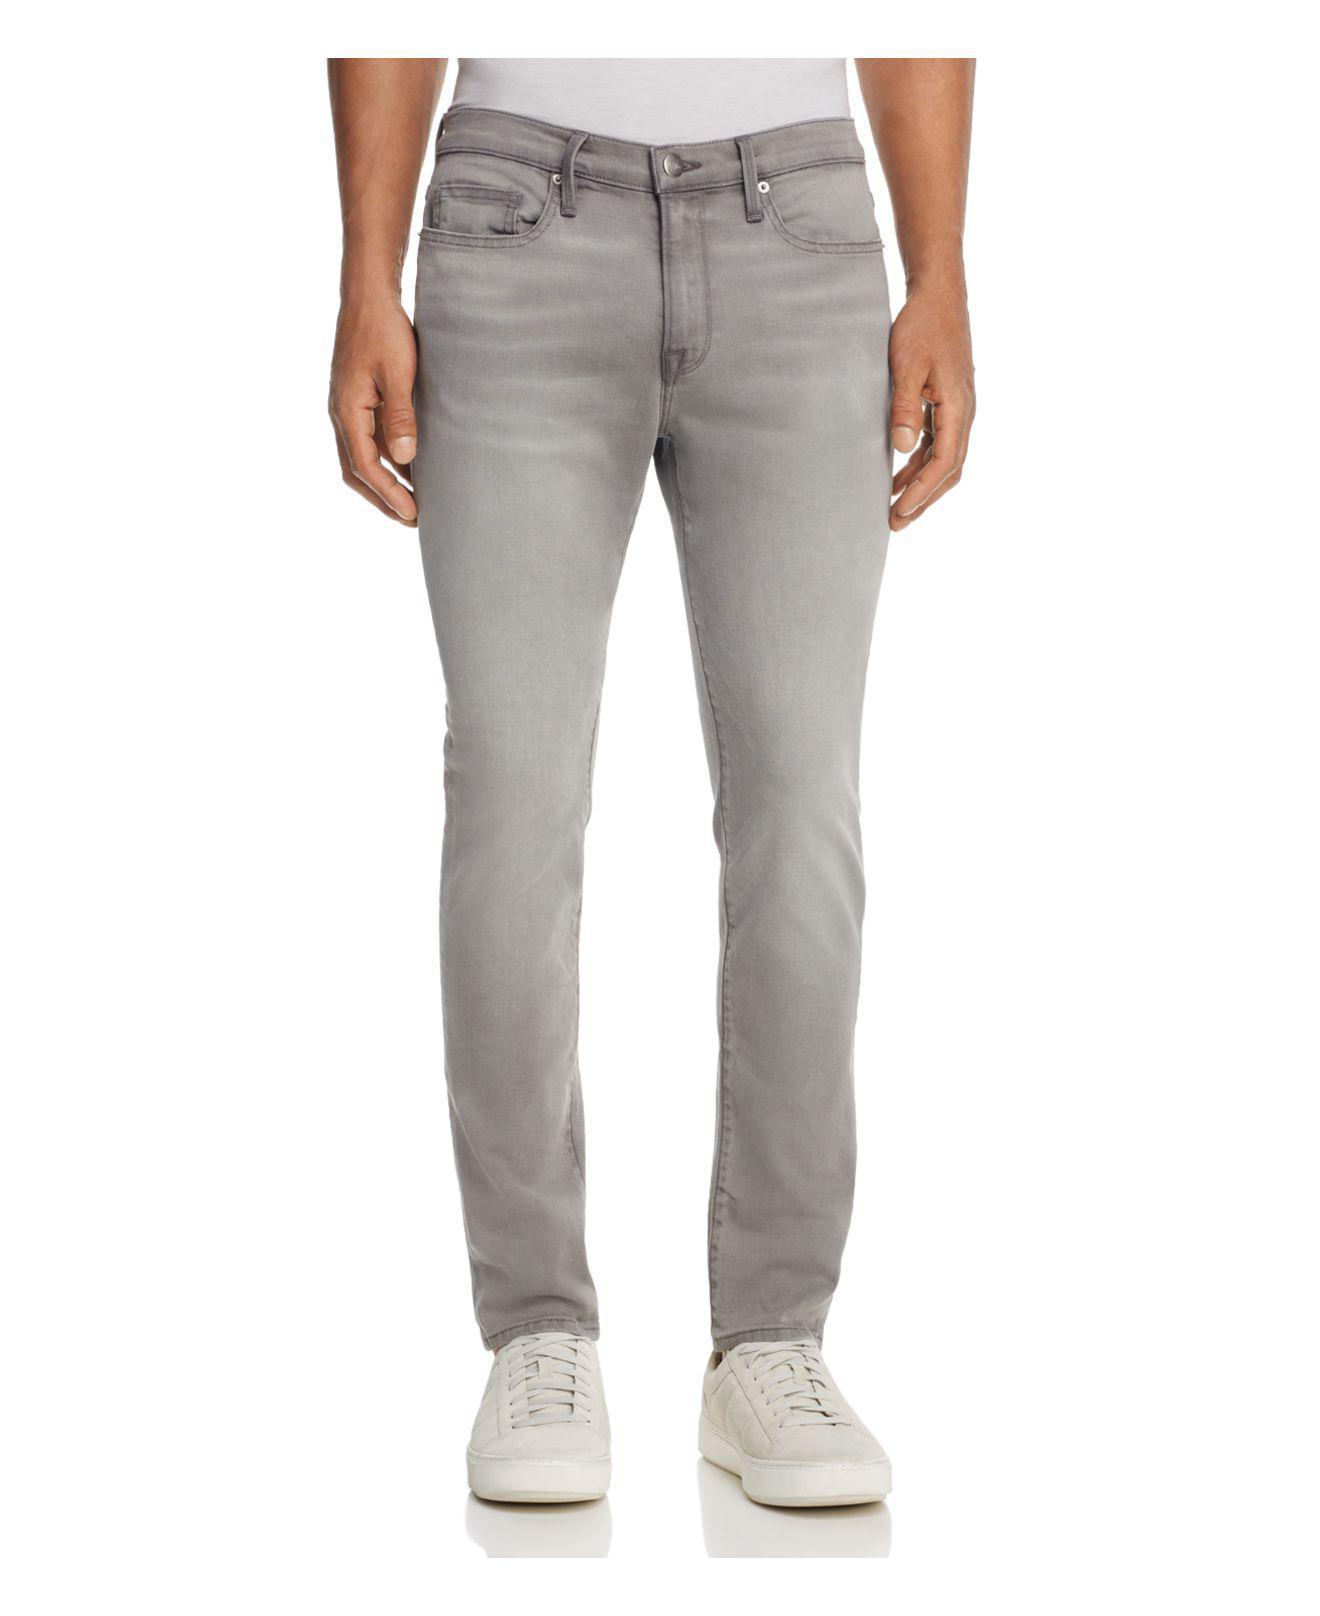 lyst frame l 39 homme skinny fit jeans in vineway in gray for men. Black Bedroom Furniture Sets. Home Design Ideas